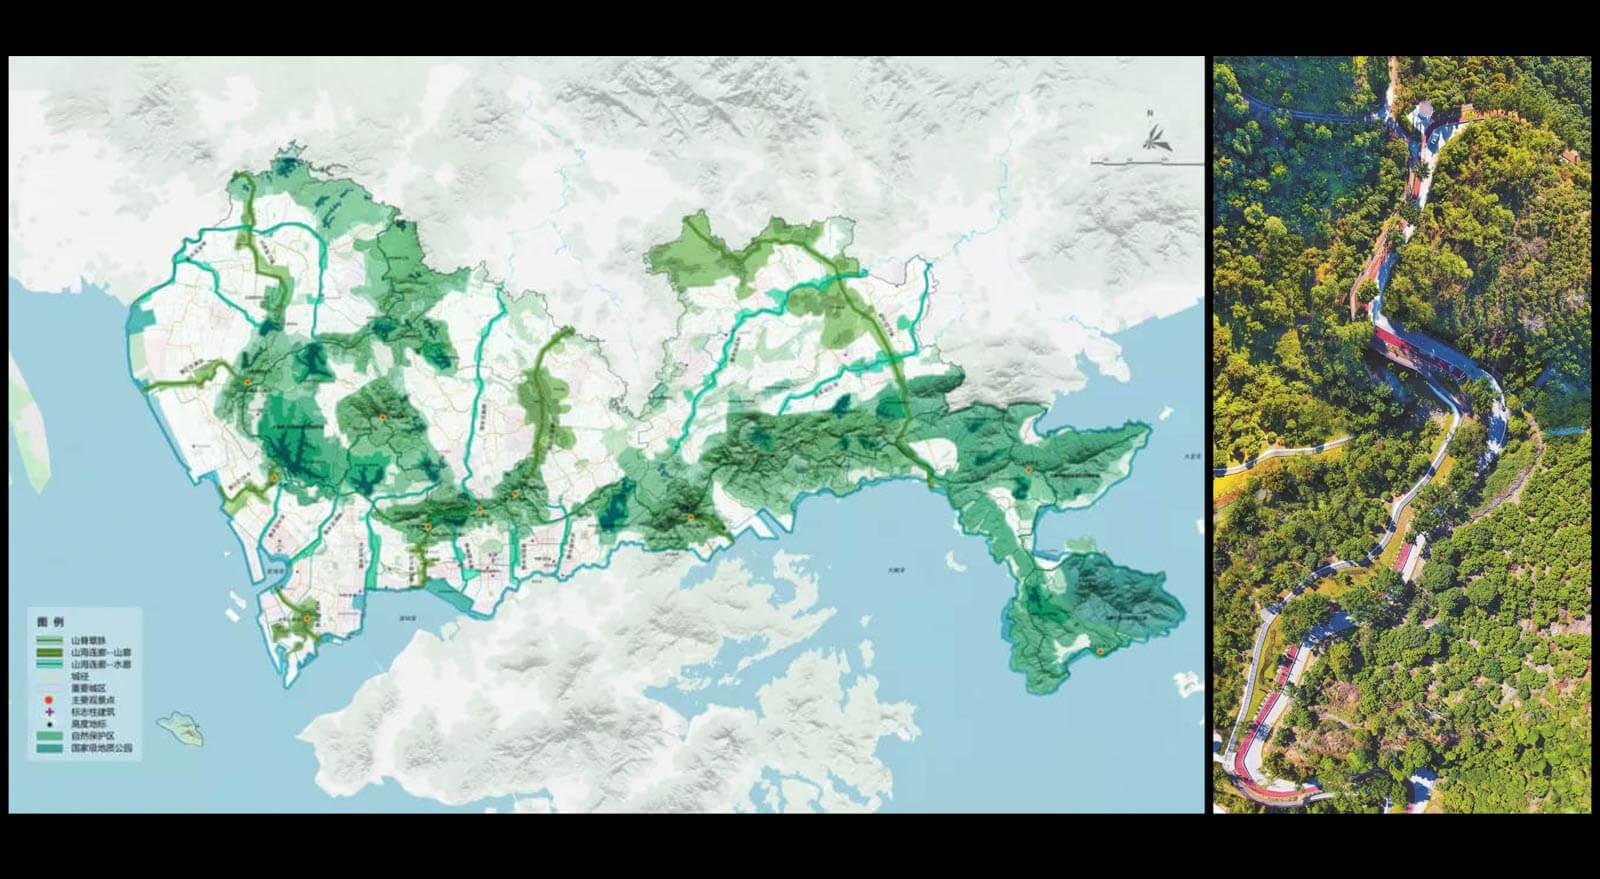 深セン市内の約1,000の公園をつなぐ「山海連城計画」緑道ネットワークプロジェクト進行中